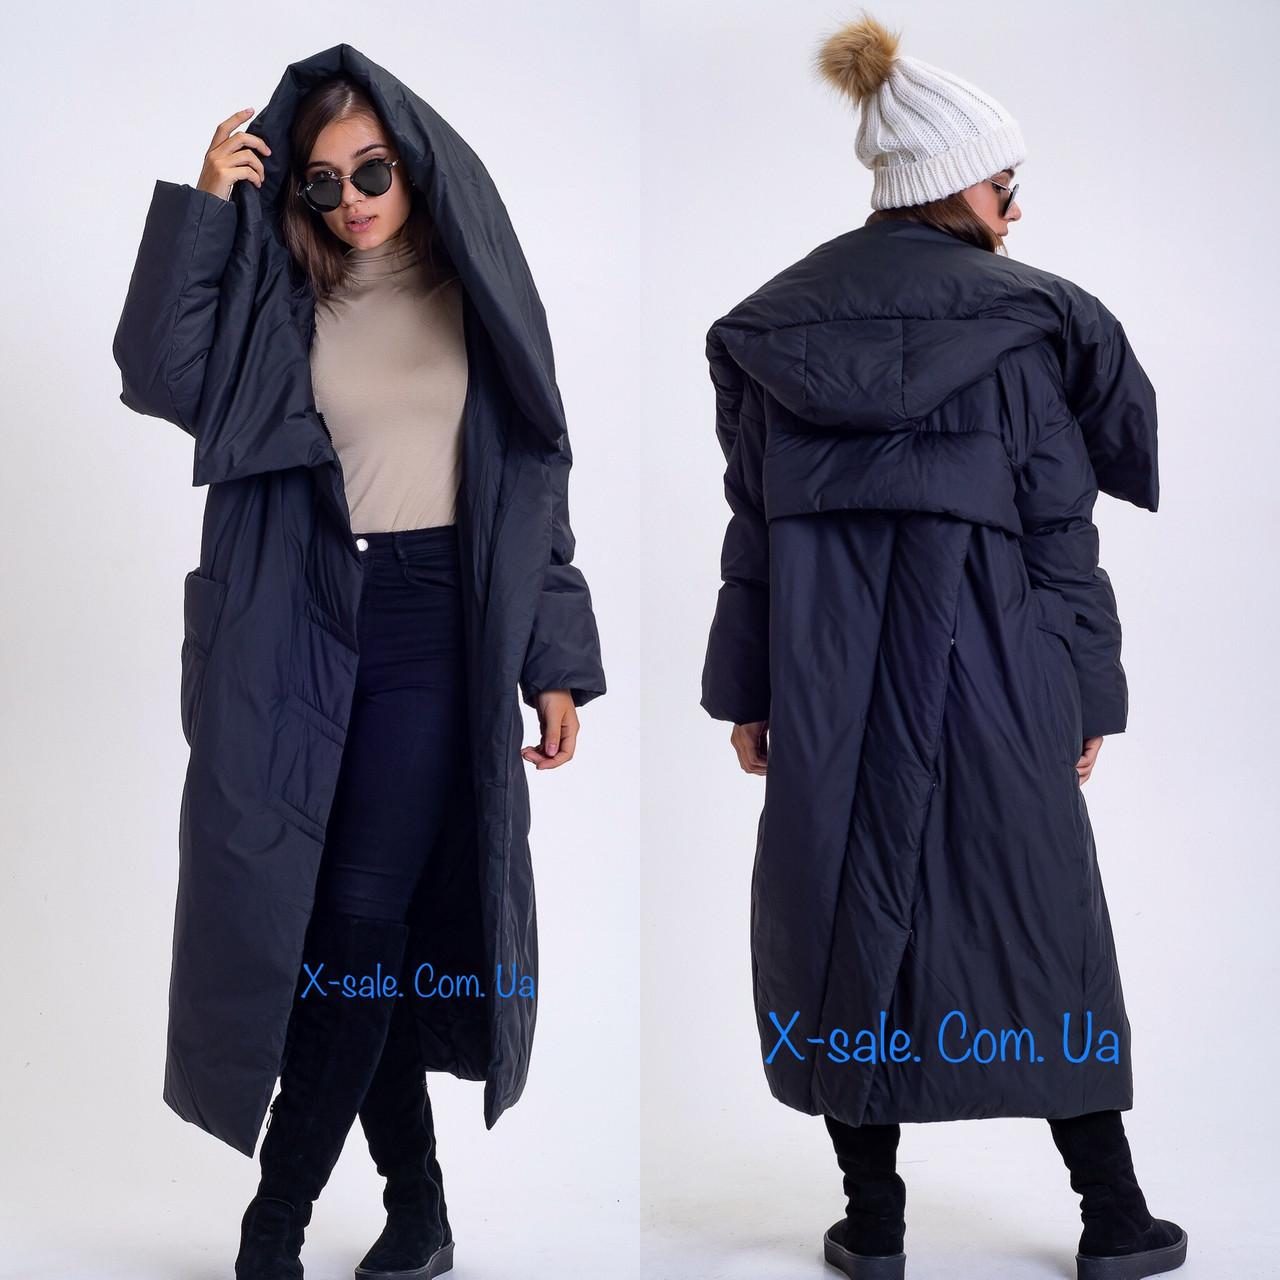 Дизайнерские Фабричные Пальто пуховики  OVERSIZE. Tongcoi - Гарантия качества и стиля!